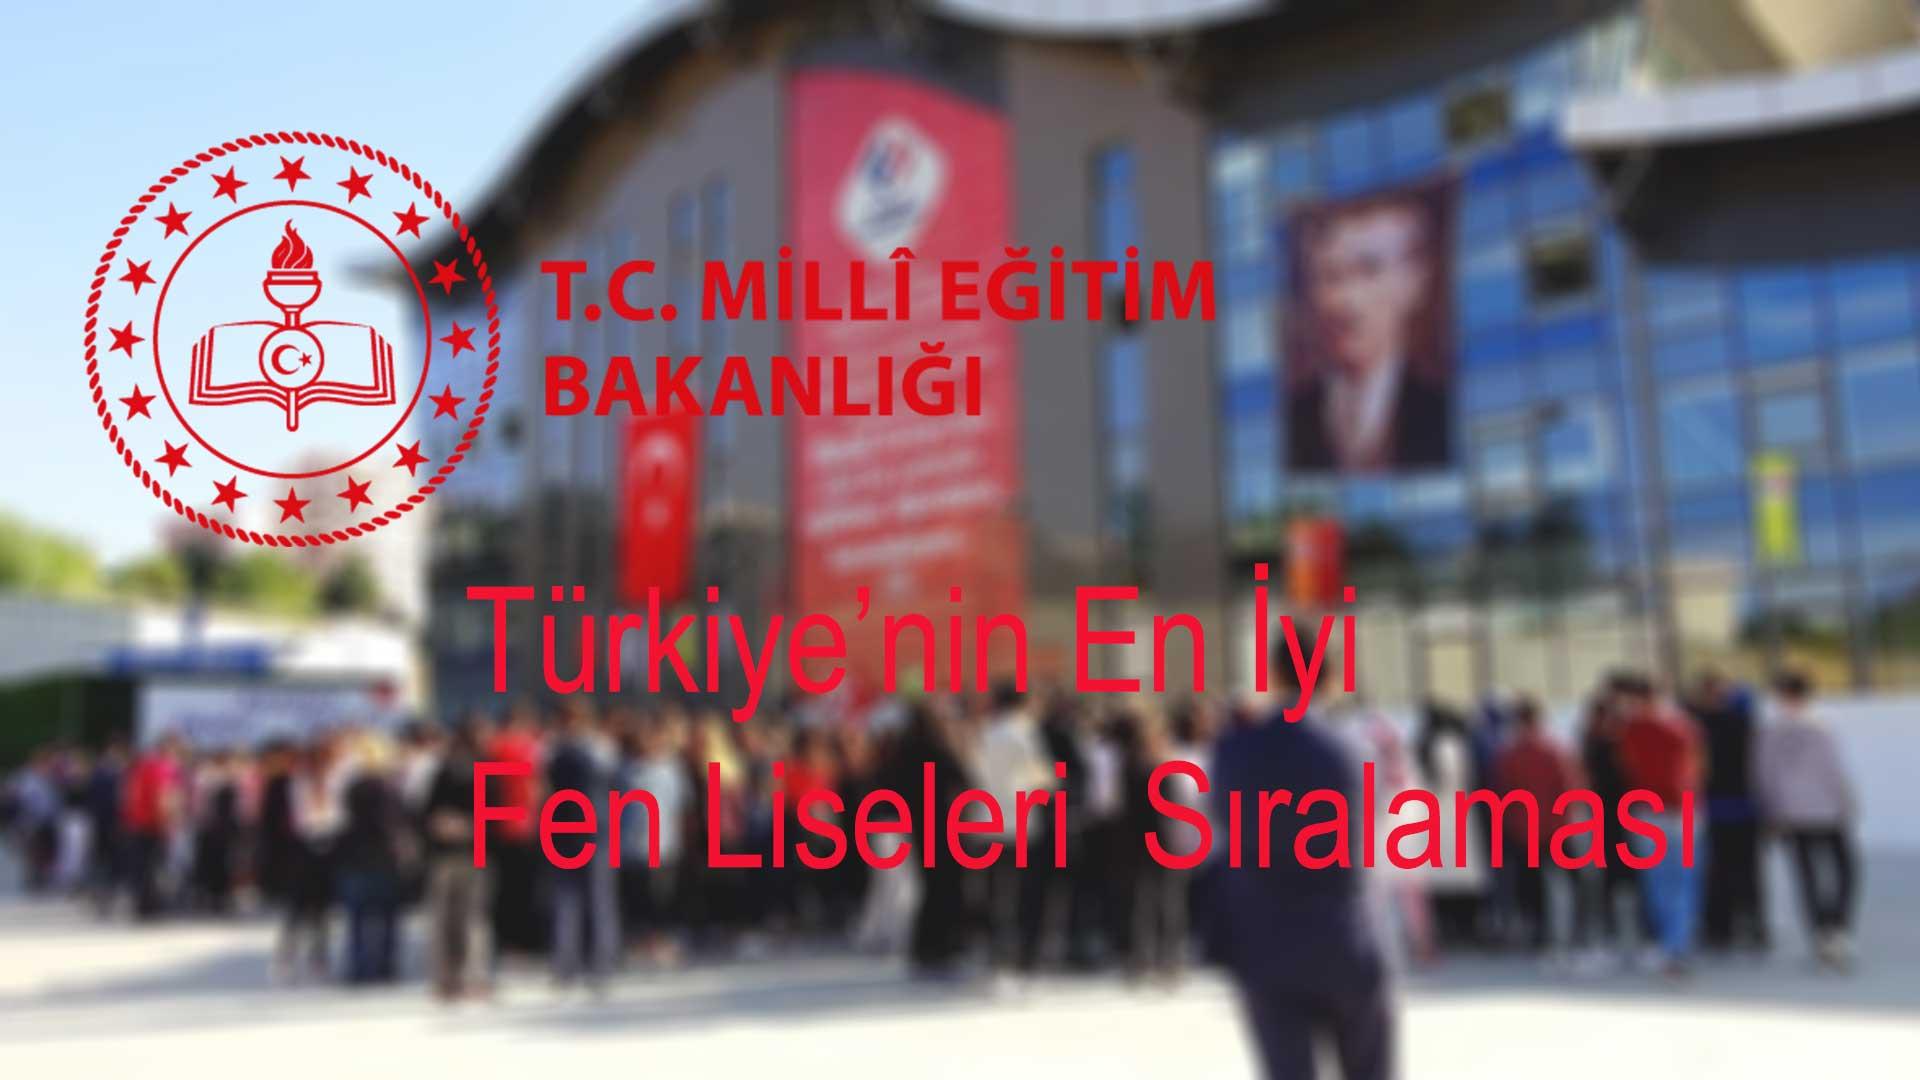 Fen Lisesi Taban Puanları ve Türkiye'nin En İyi Fen Liseleri Sıralaması (2019)?fit=thumb&w=418&h=152&q=80